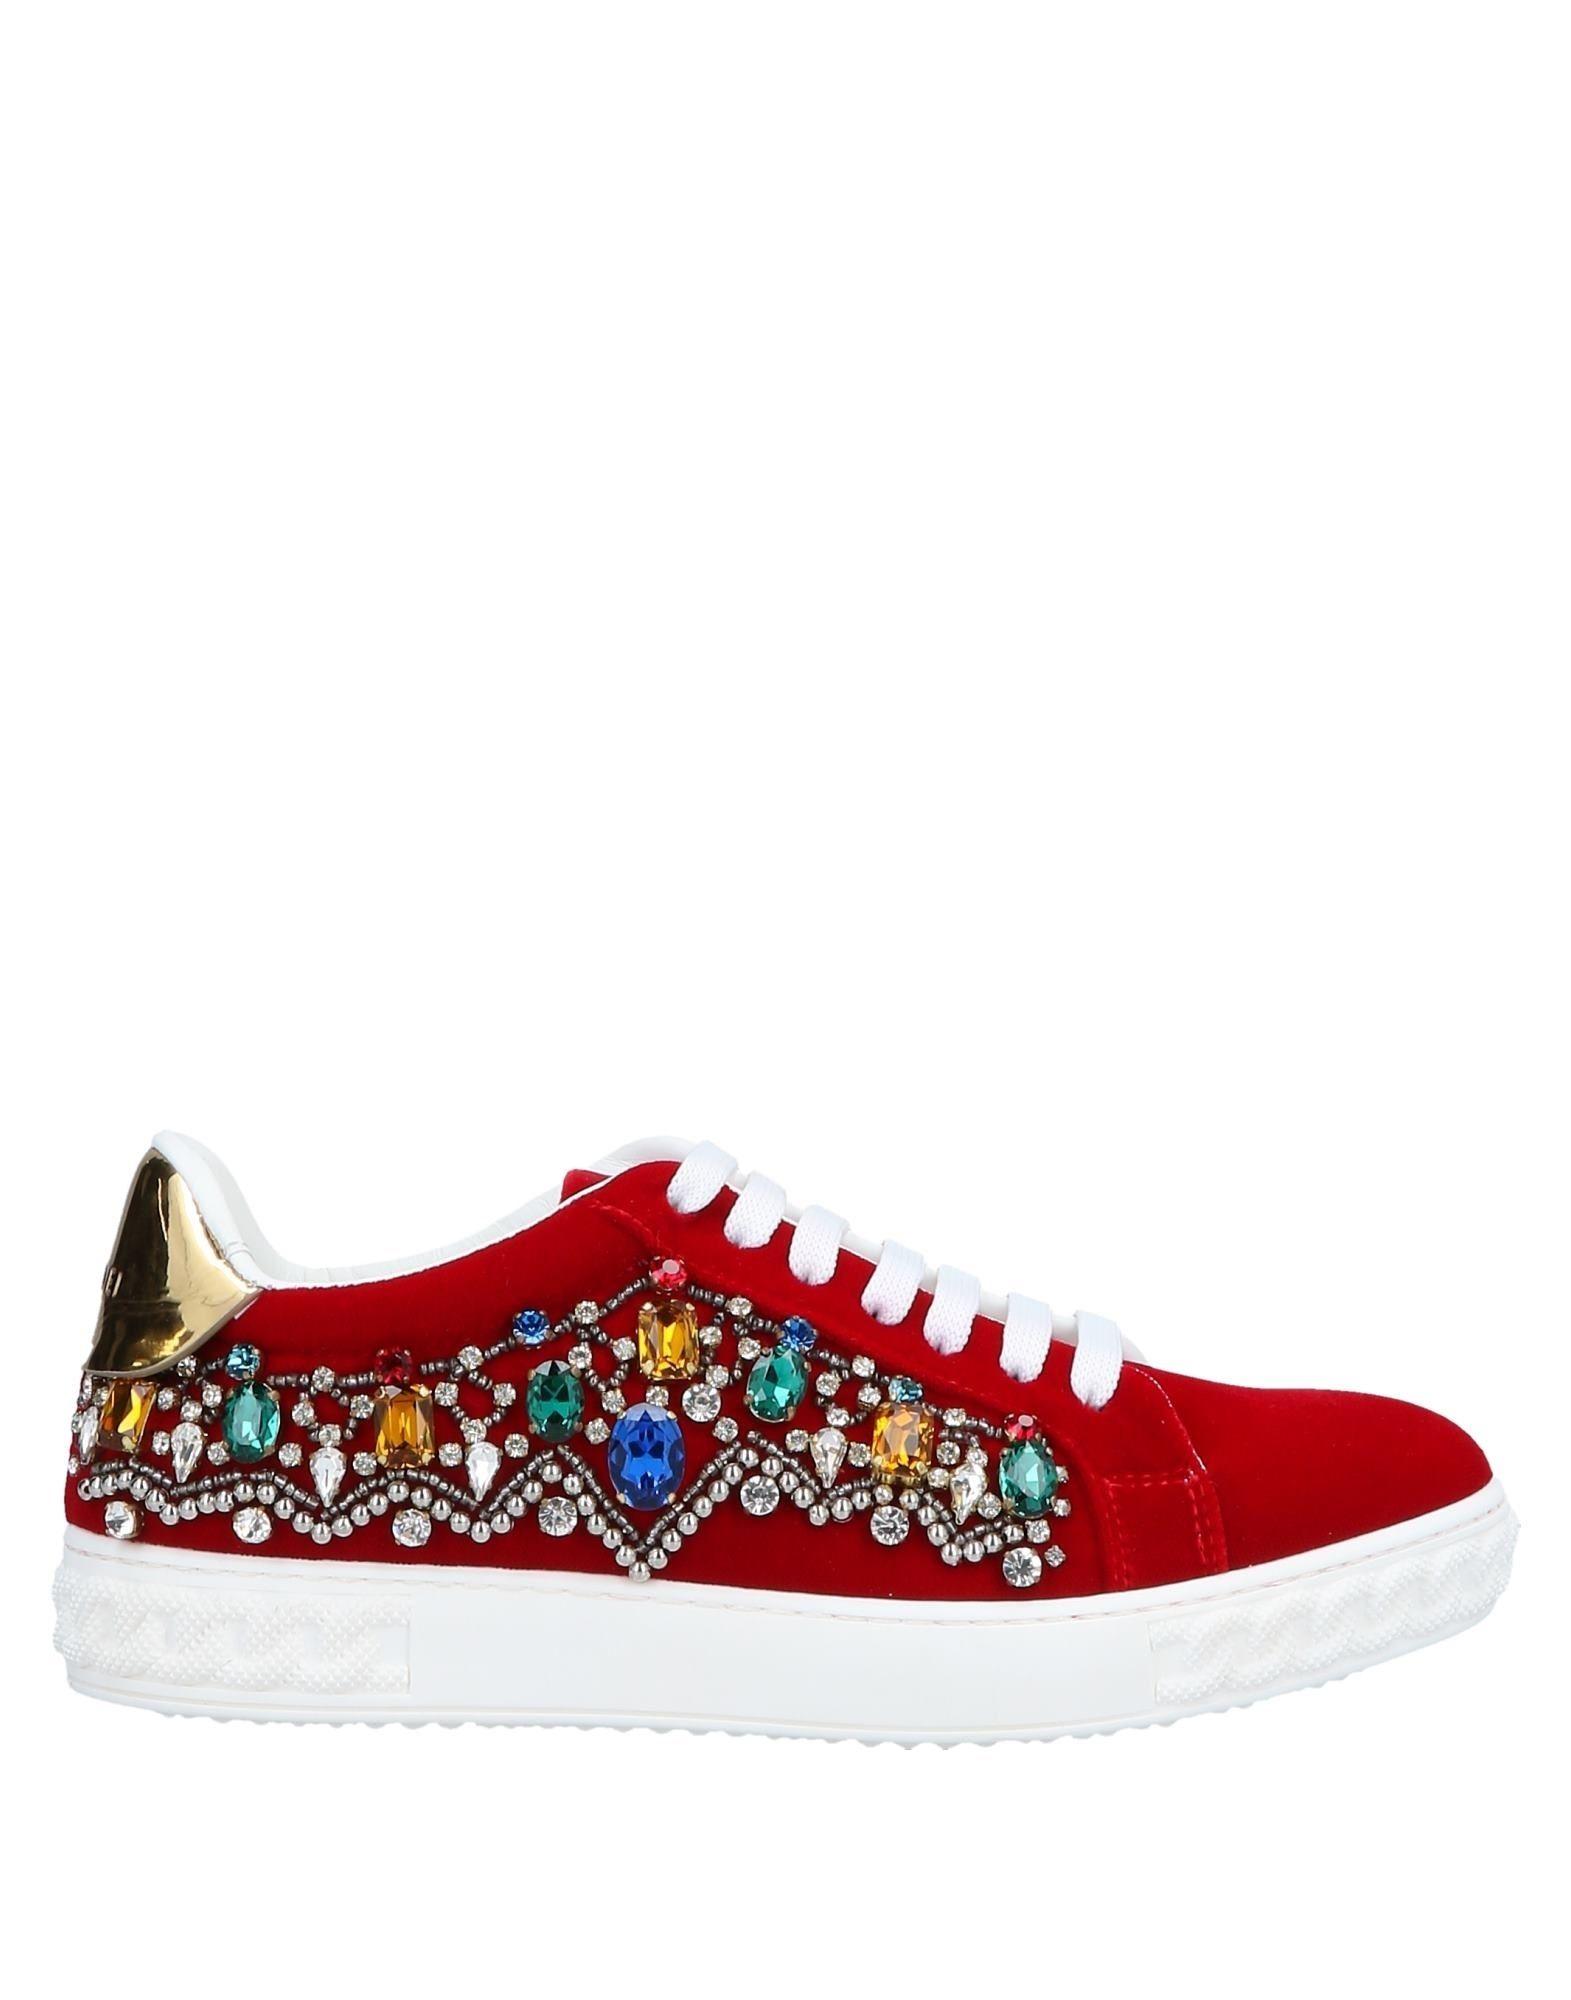 Sneakers Casadei Donna - 11562360IQ elegante